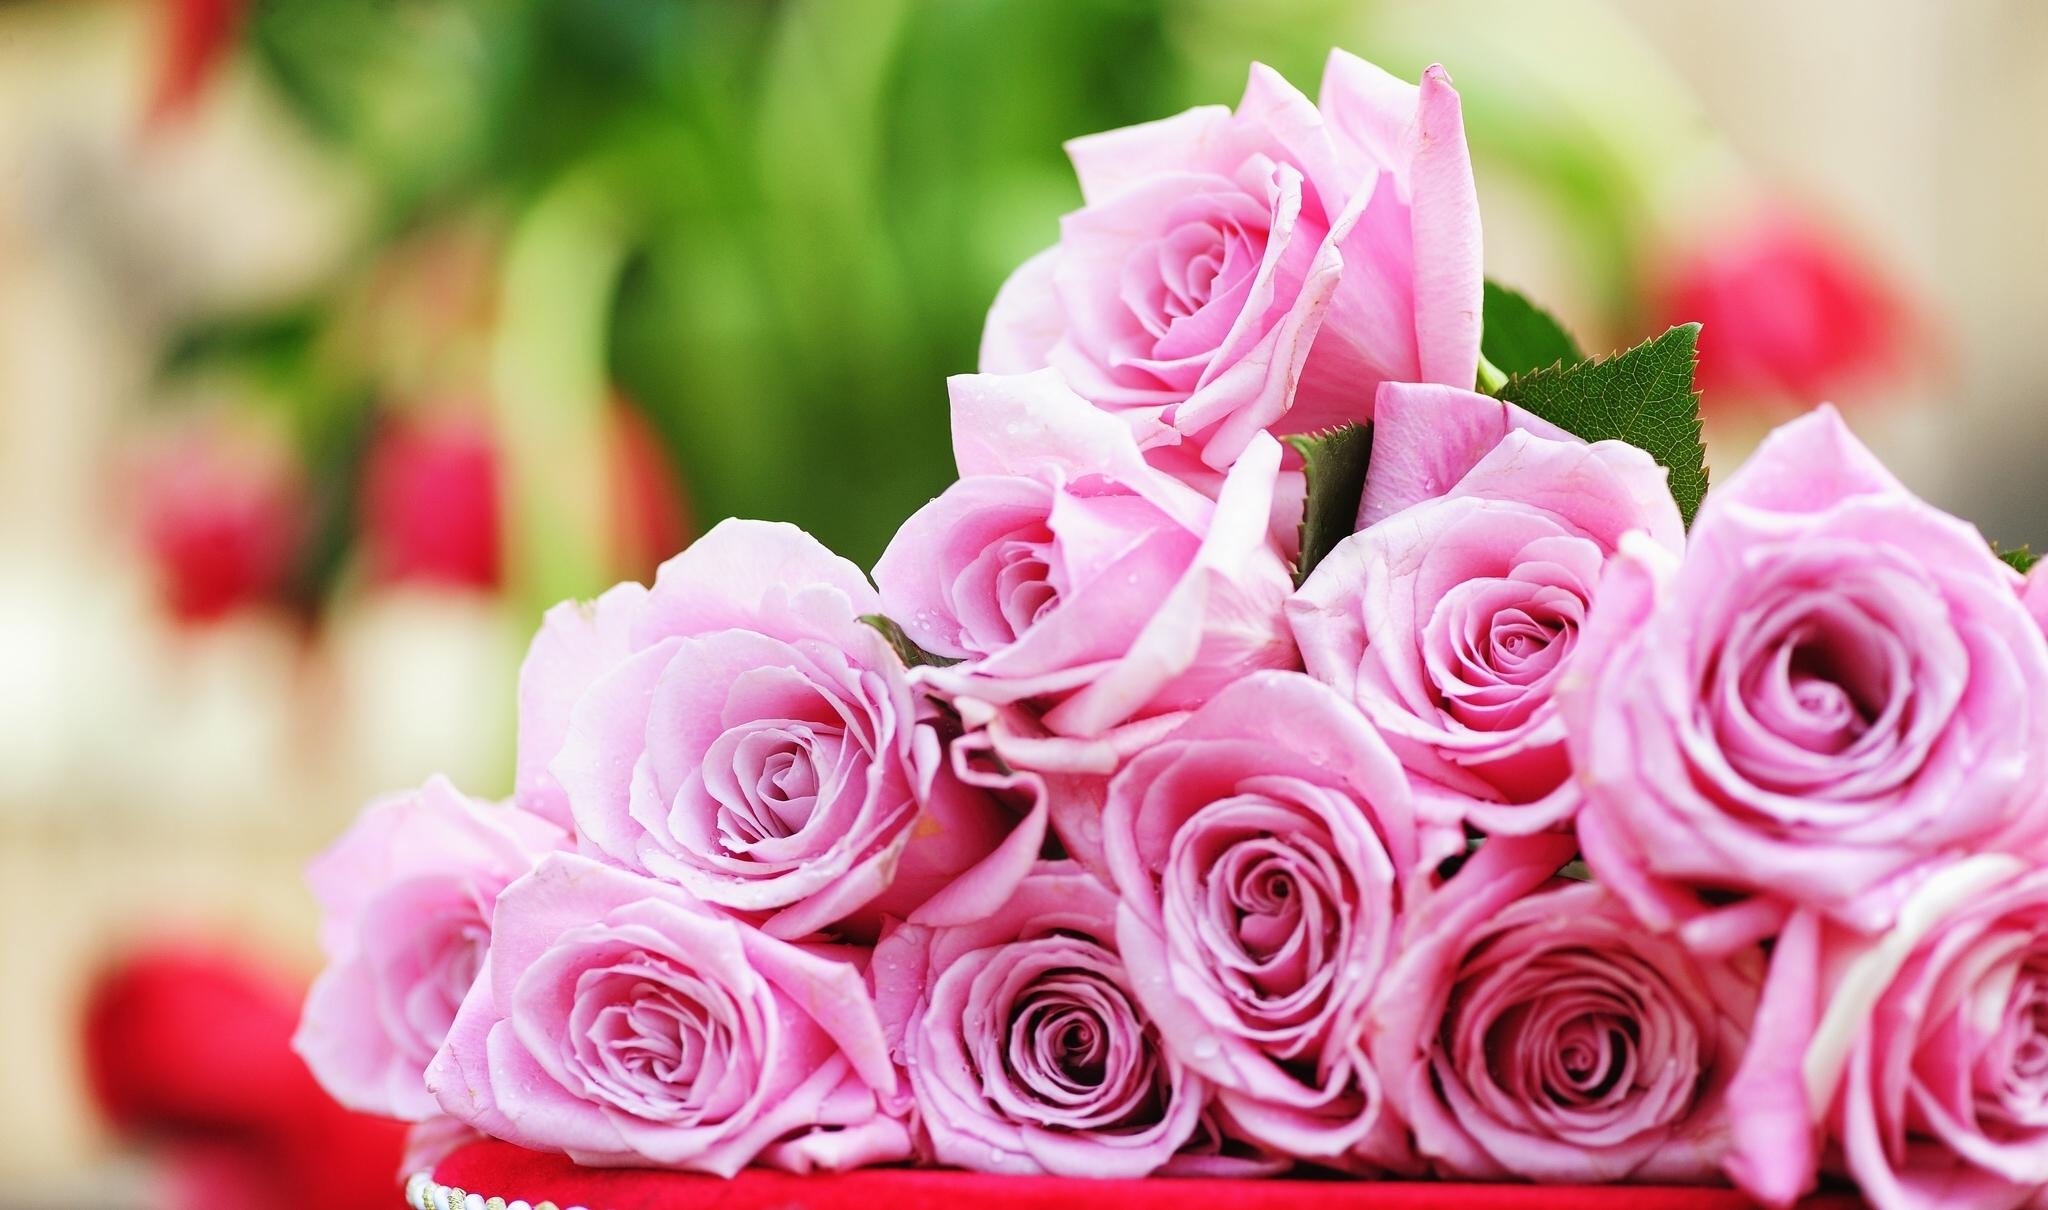 букет роз обои на рабочий стол в высоком качестве № 178073  скачать